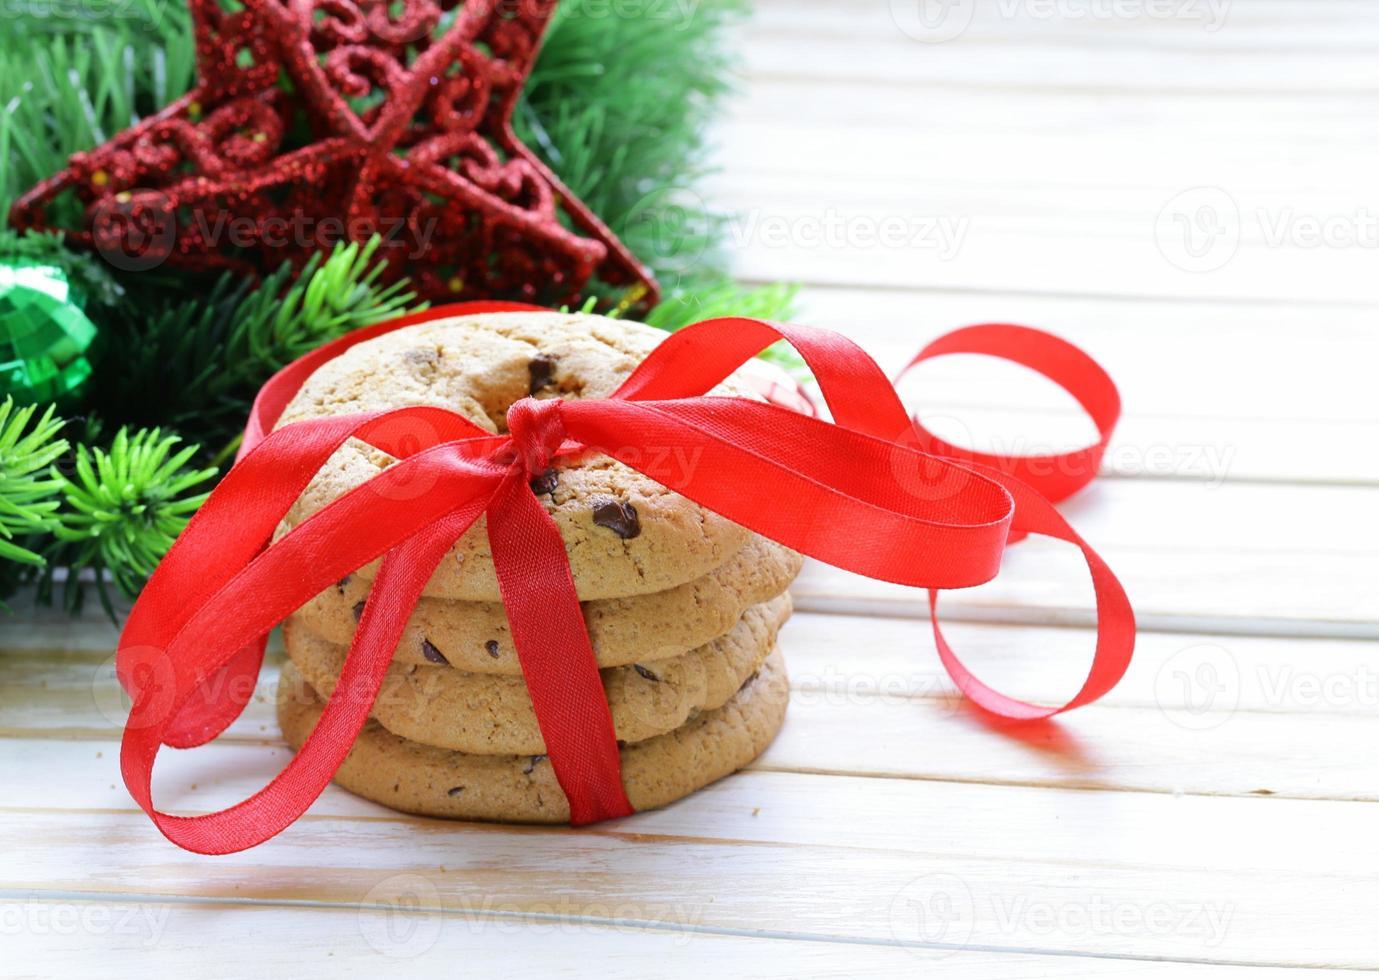 koekjes met chocolade met kerstboomtakken en decoraties foto